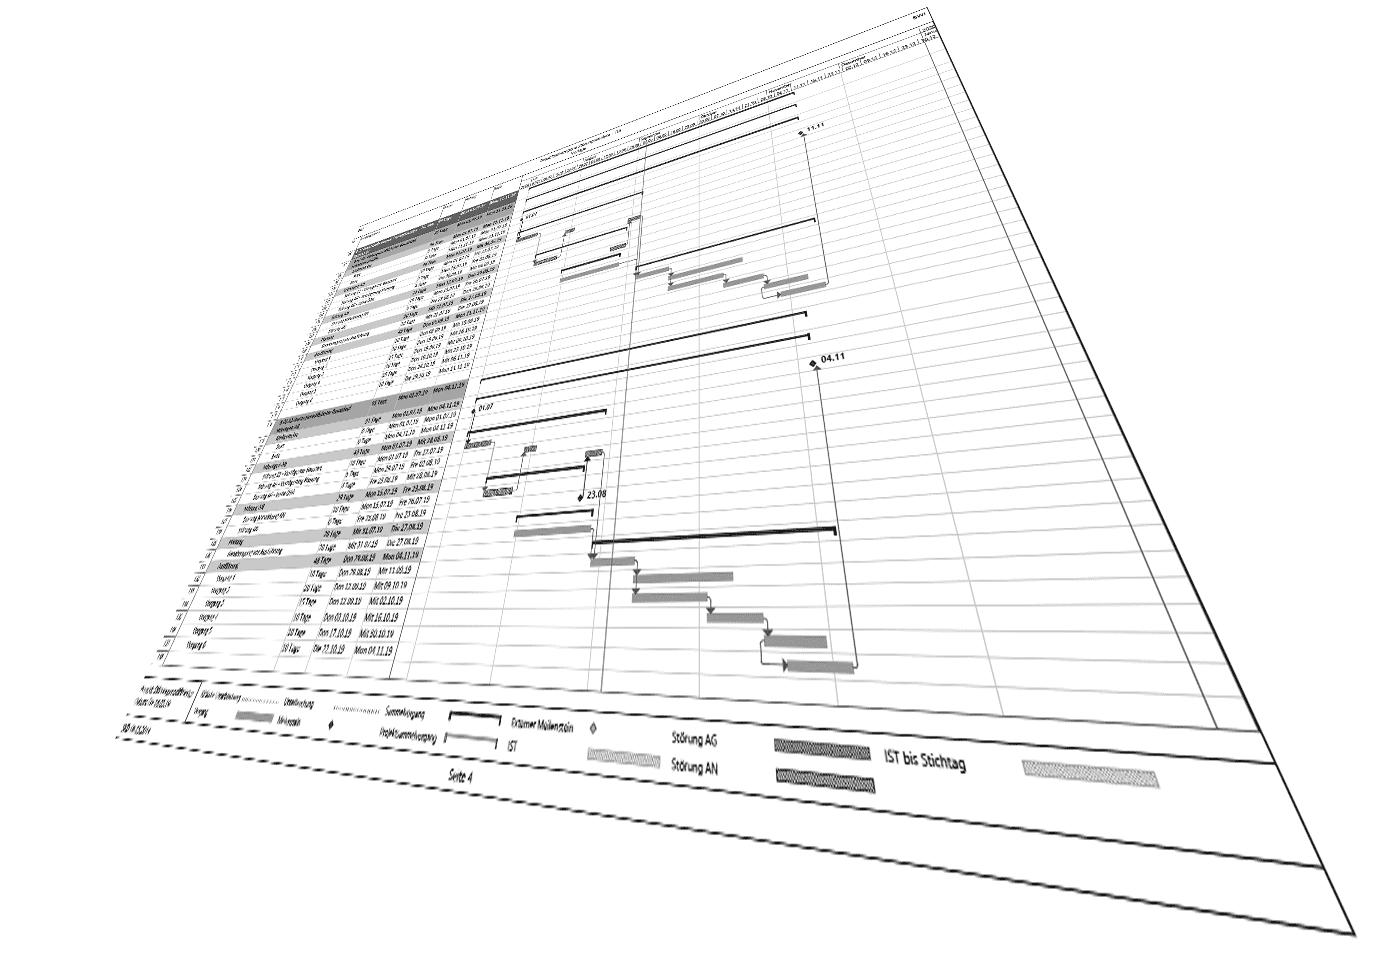 Bautechniker(in) | Bauzeitplaner(in) – Ausbildungsstelle